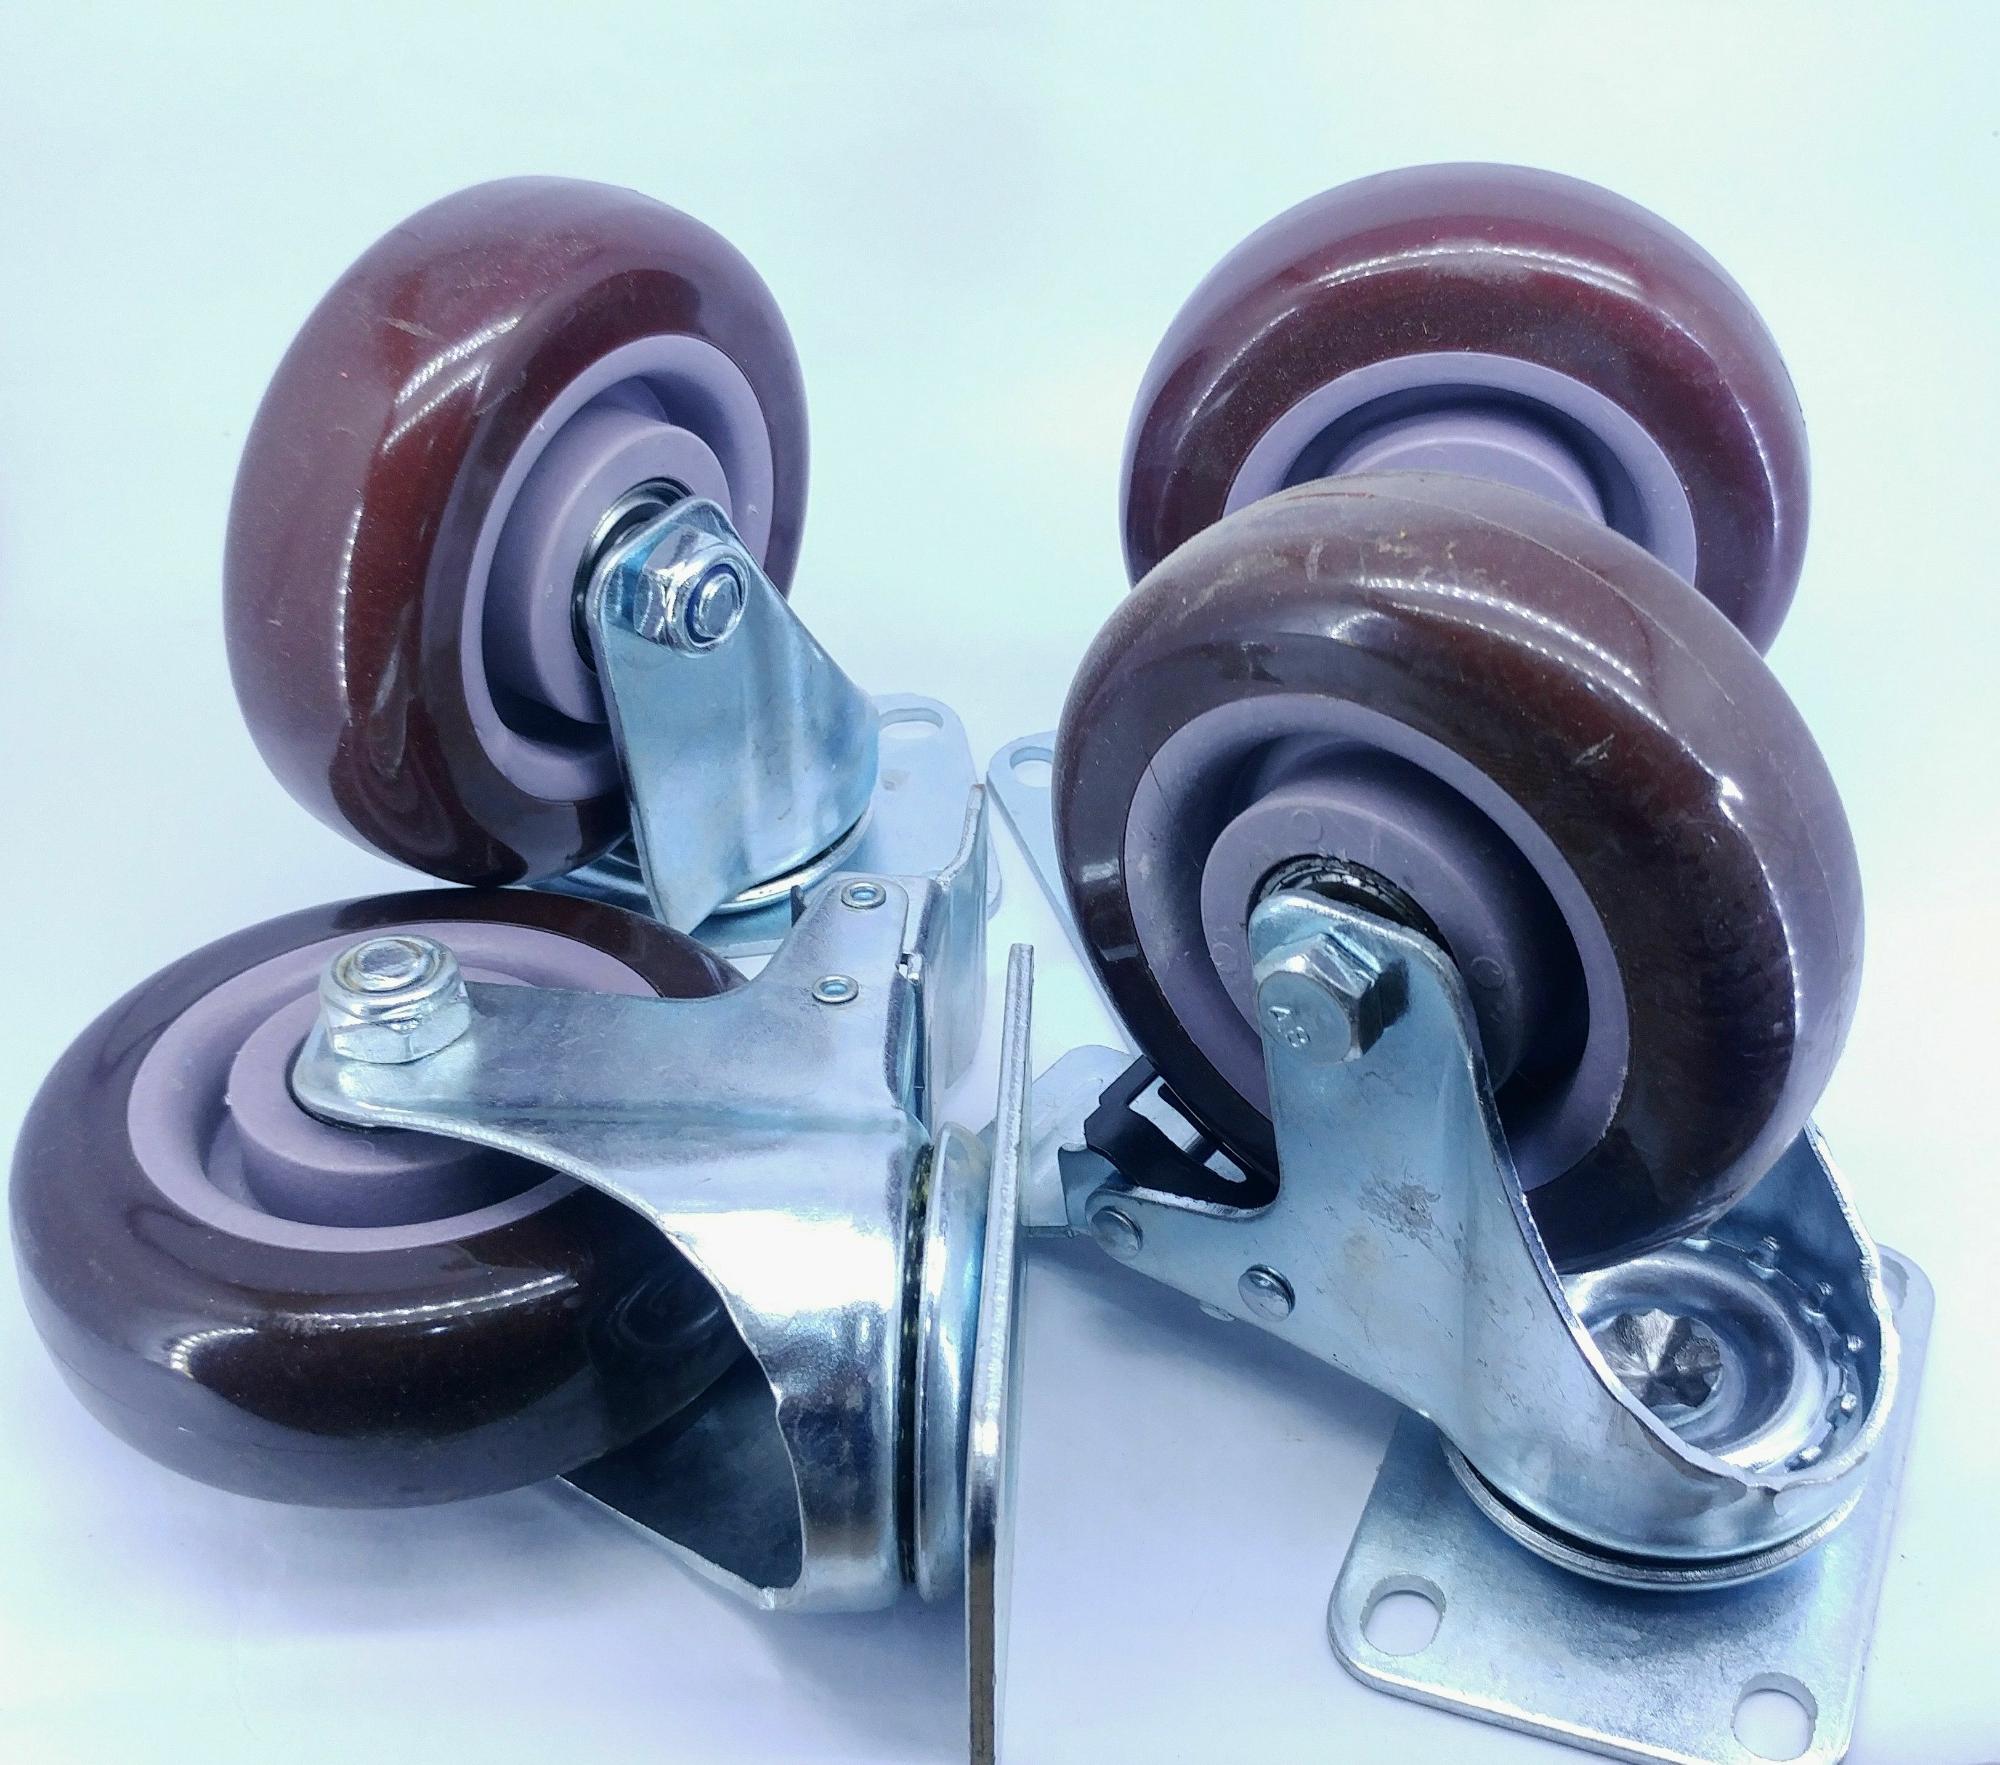 Bộ bốn bánh xe đóng xe đẩy, chân bàn, chân tủ đường kính bánh xe 7,5cm